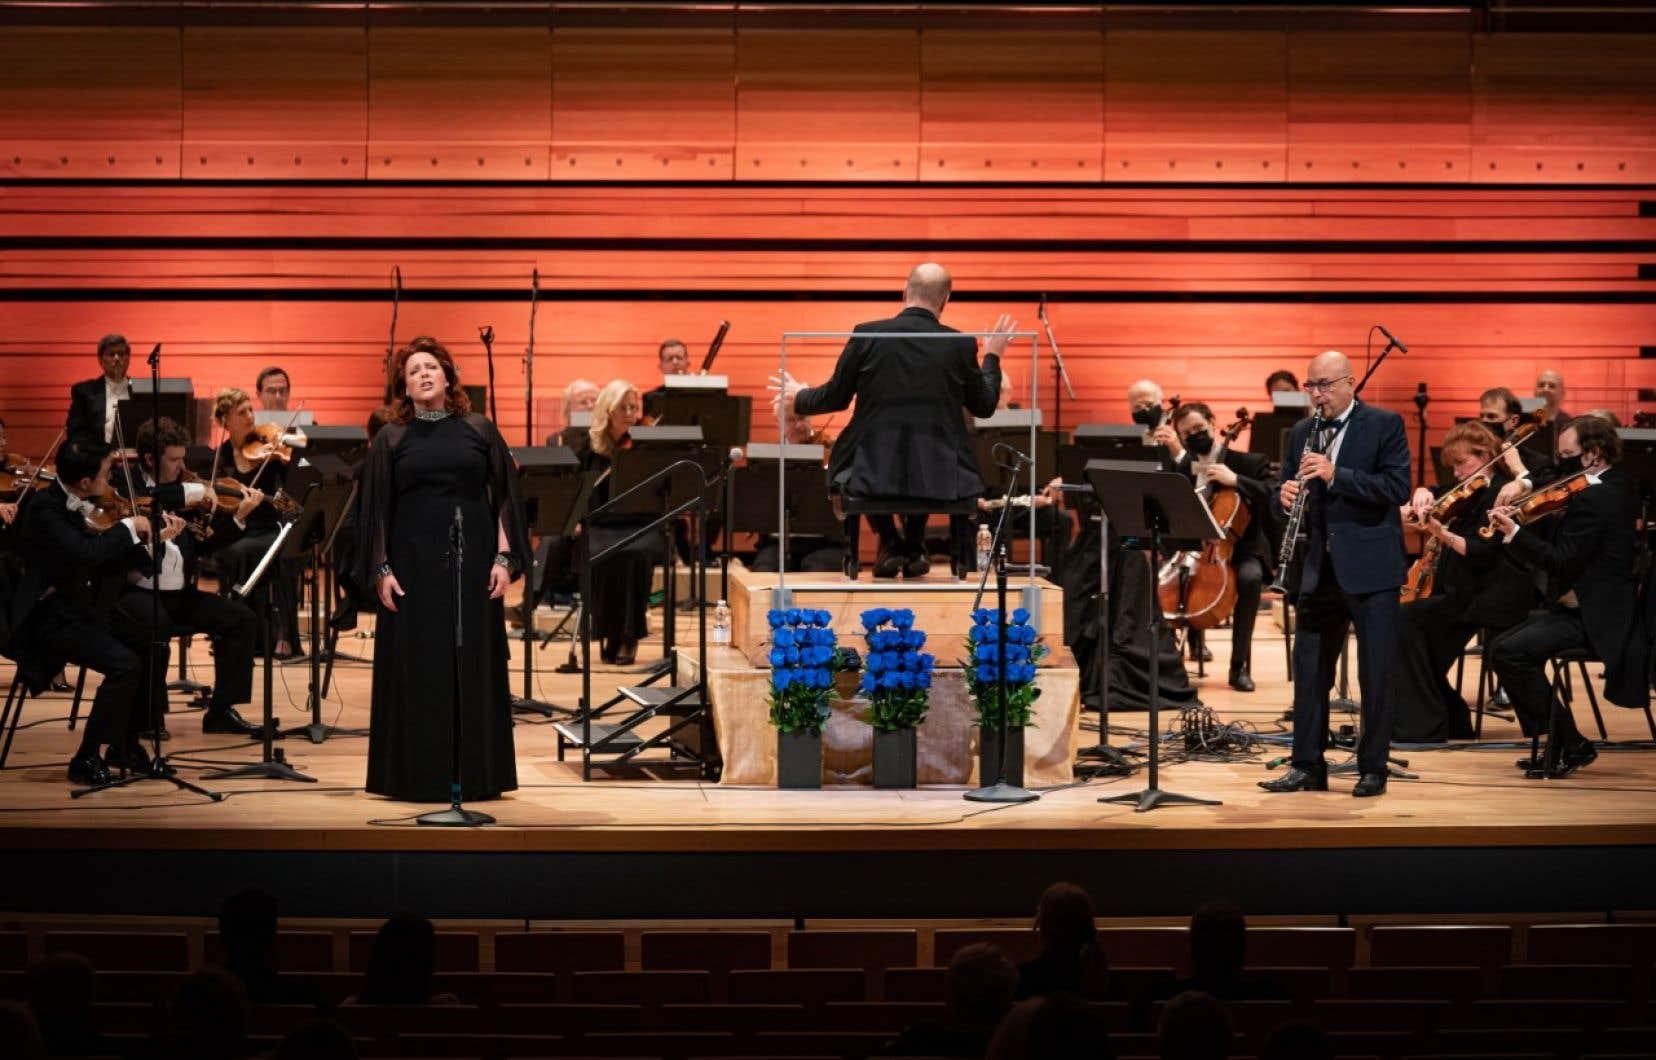 Musicalement, la première étoile de la soirée va aux deux chanteuses. Oser tant de mordant, comme Karina Gauvin dans «Ah, Perfido!» et Marie-Nicole Lemieux (sur la photo) dans «Deh, per questo istante solo», est digne de tous les éloges.